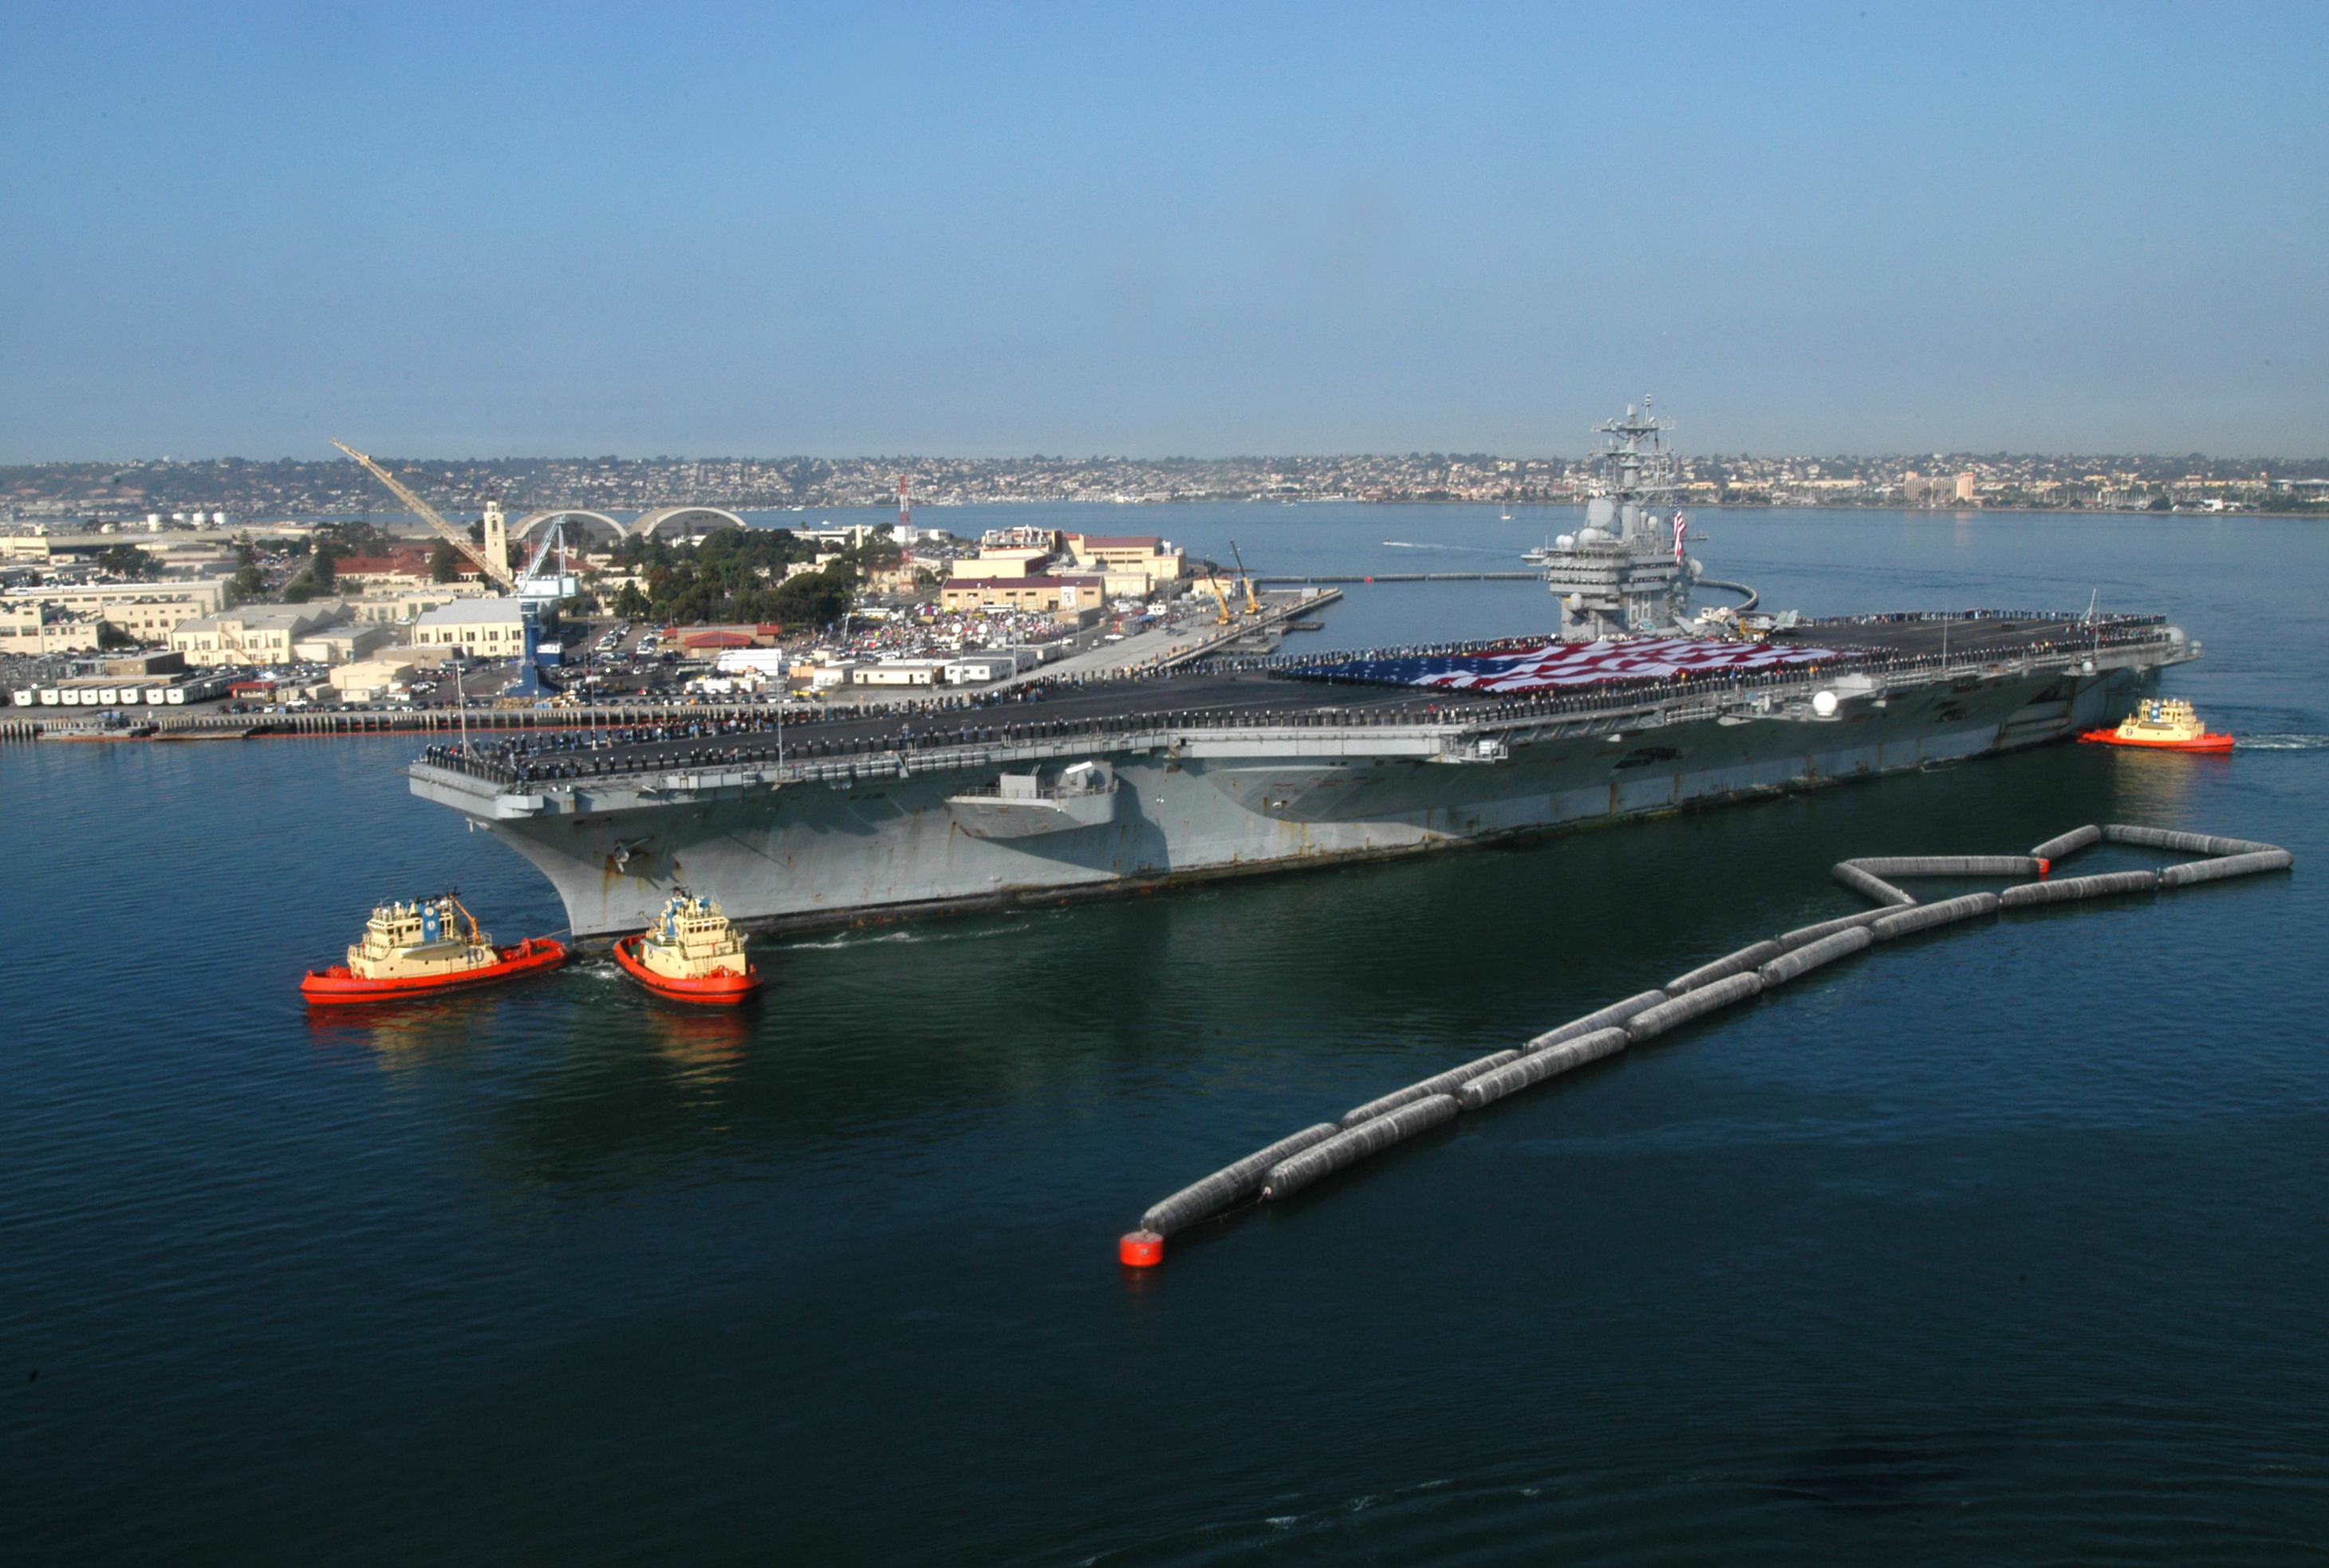 Uss Nimitz Size Comparison File:US Navy 03...